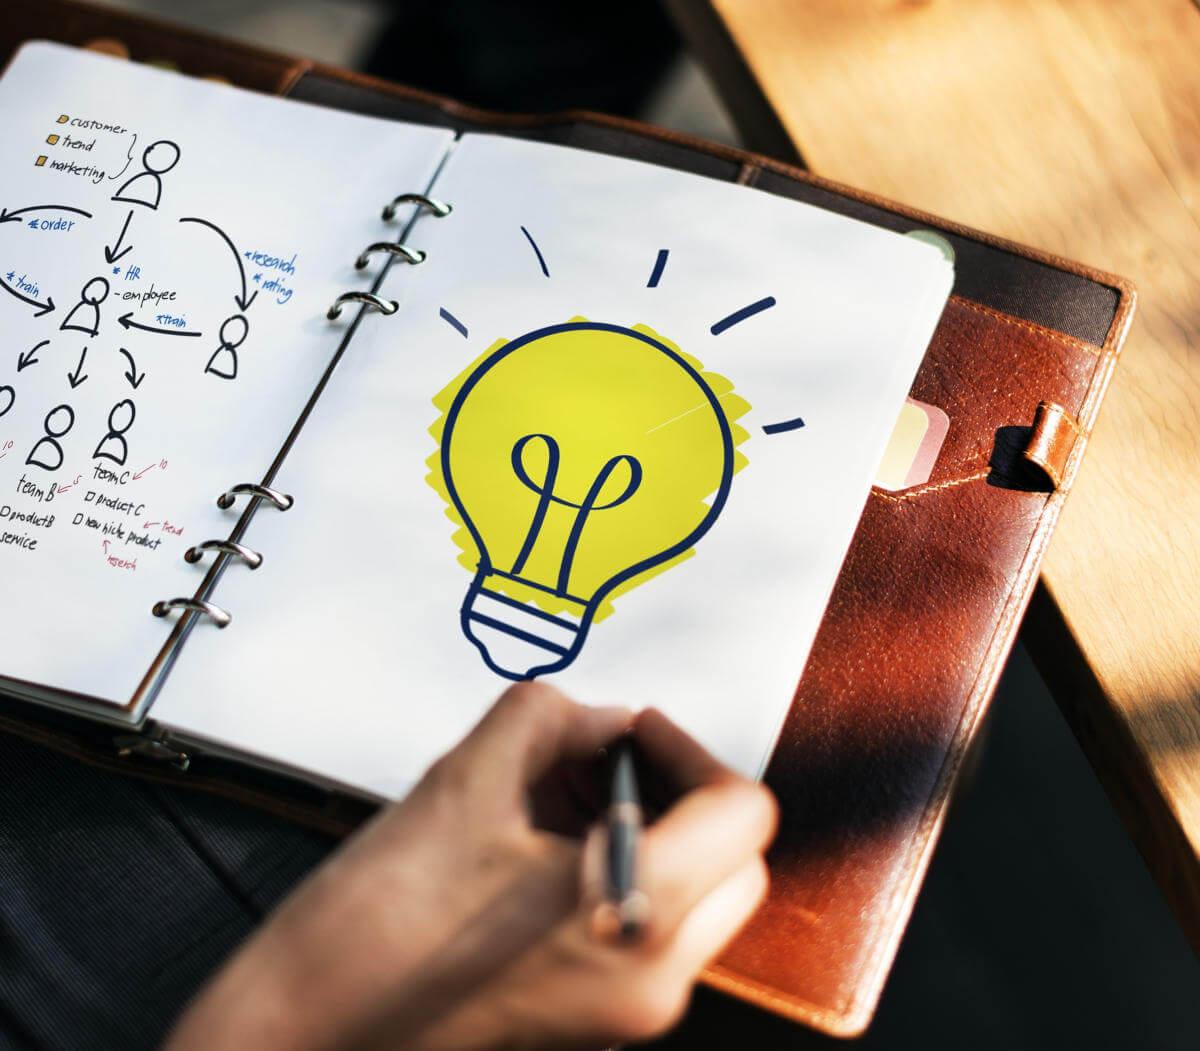 Softwareentwicklung - die Idee ist der Anfang